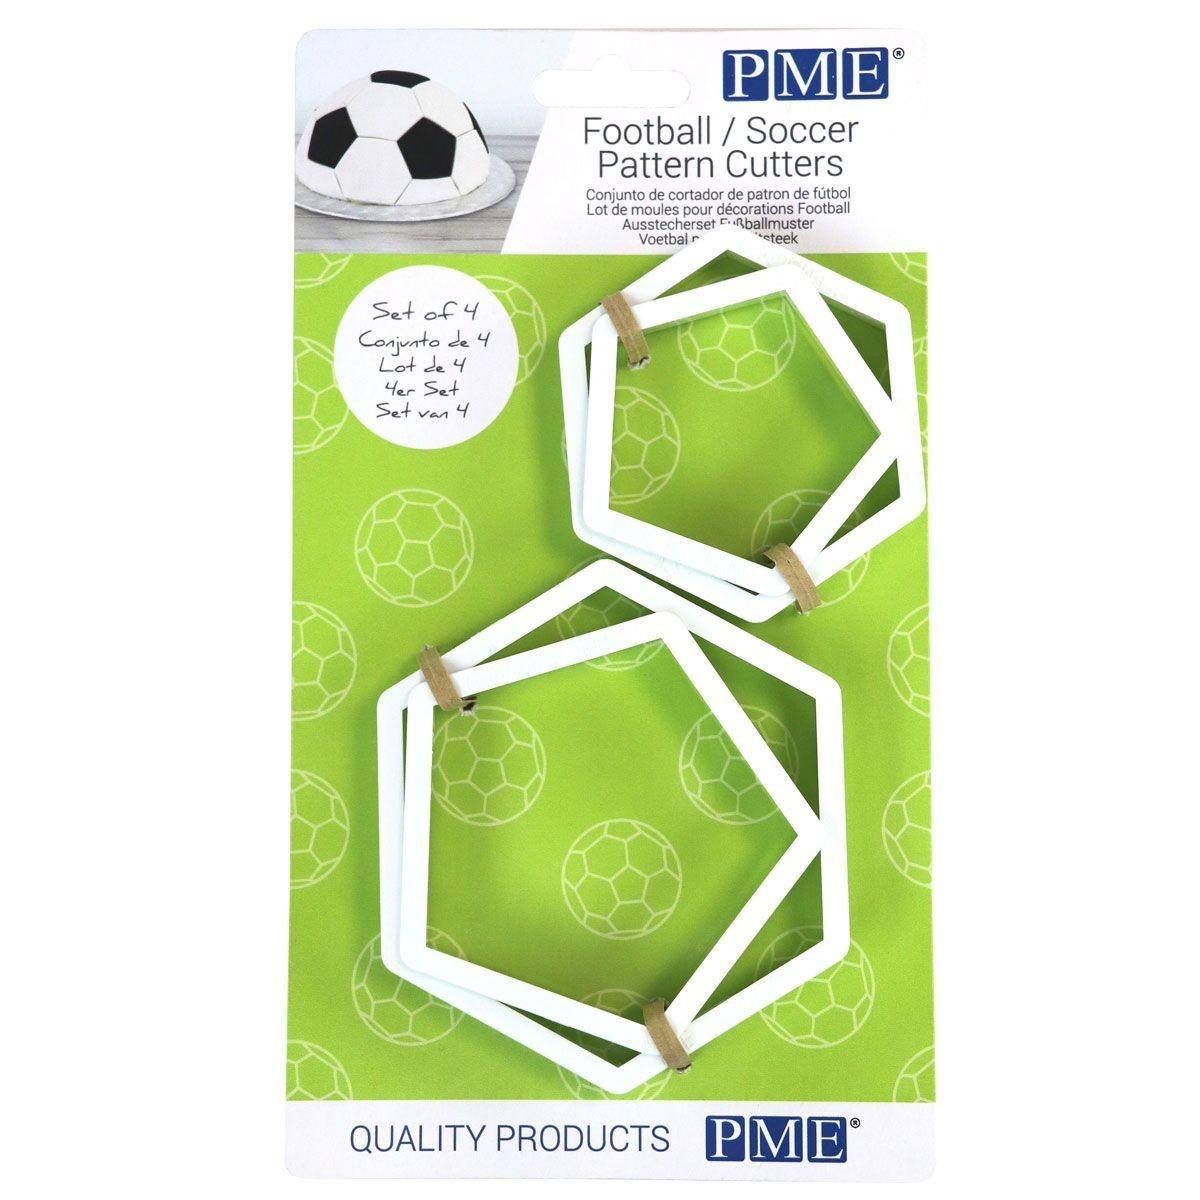 PME Geometric Cutters -Set of 4 -FOOTBALL/Soccer Pattern Cutters -Σετ 4 τεμ κουπ πατ για μπάλα ποδοσφαίρου